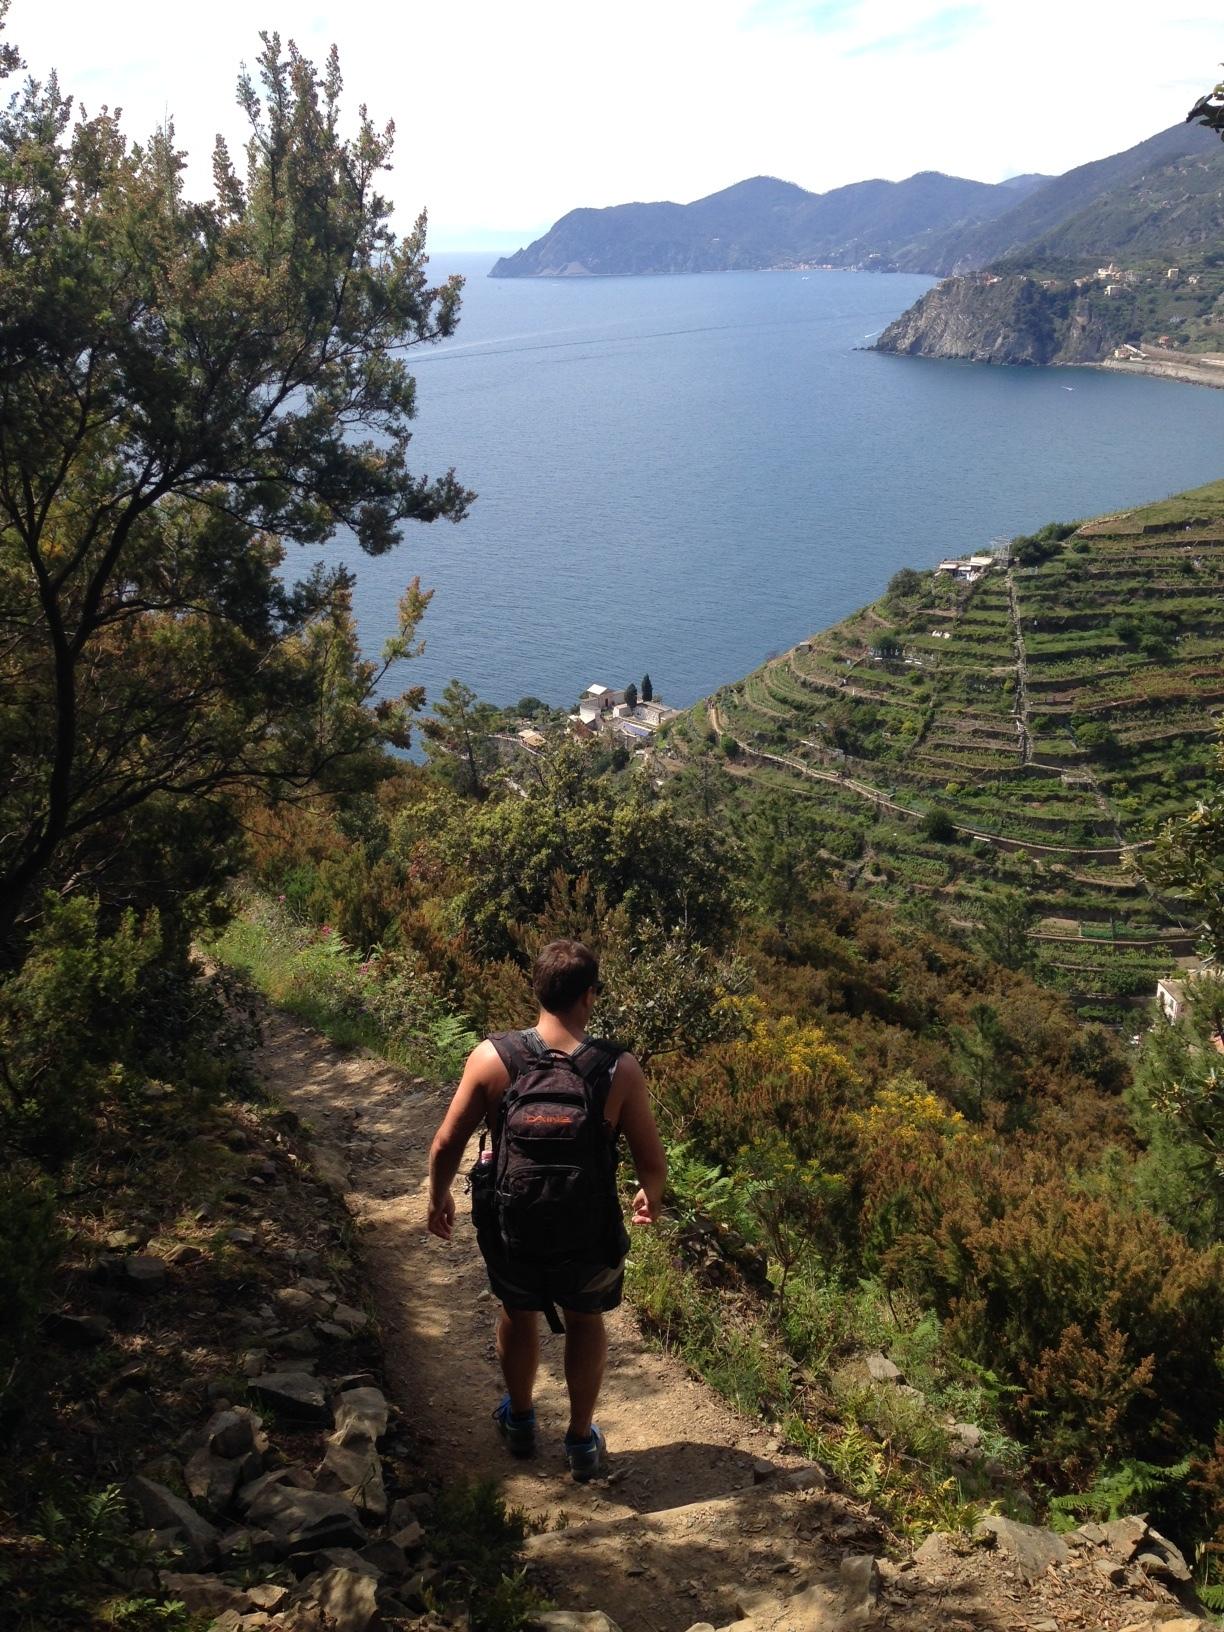 Corniglia: approaching on descent from Riomaggiore.